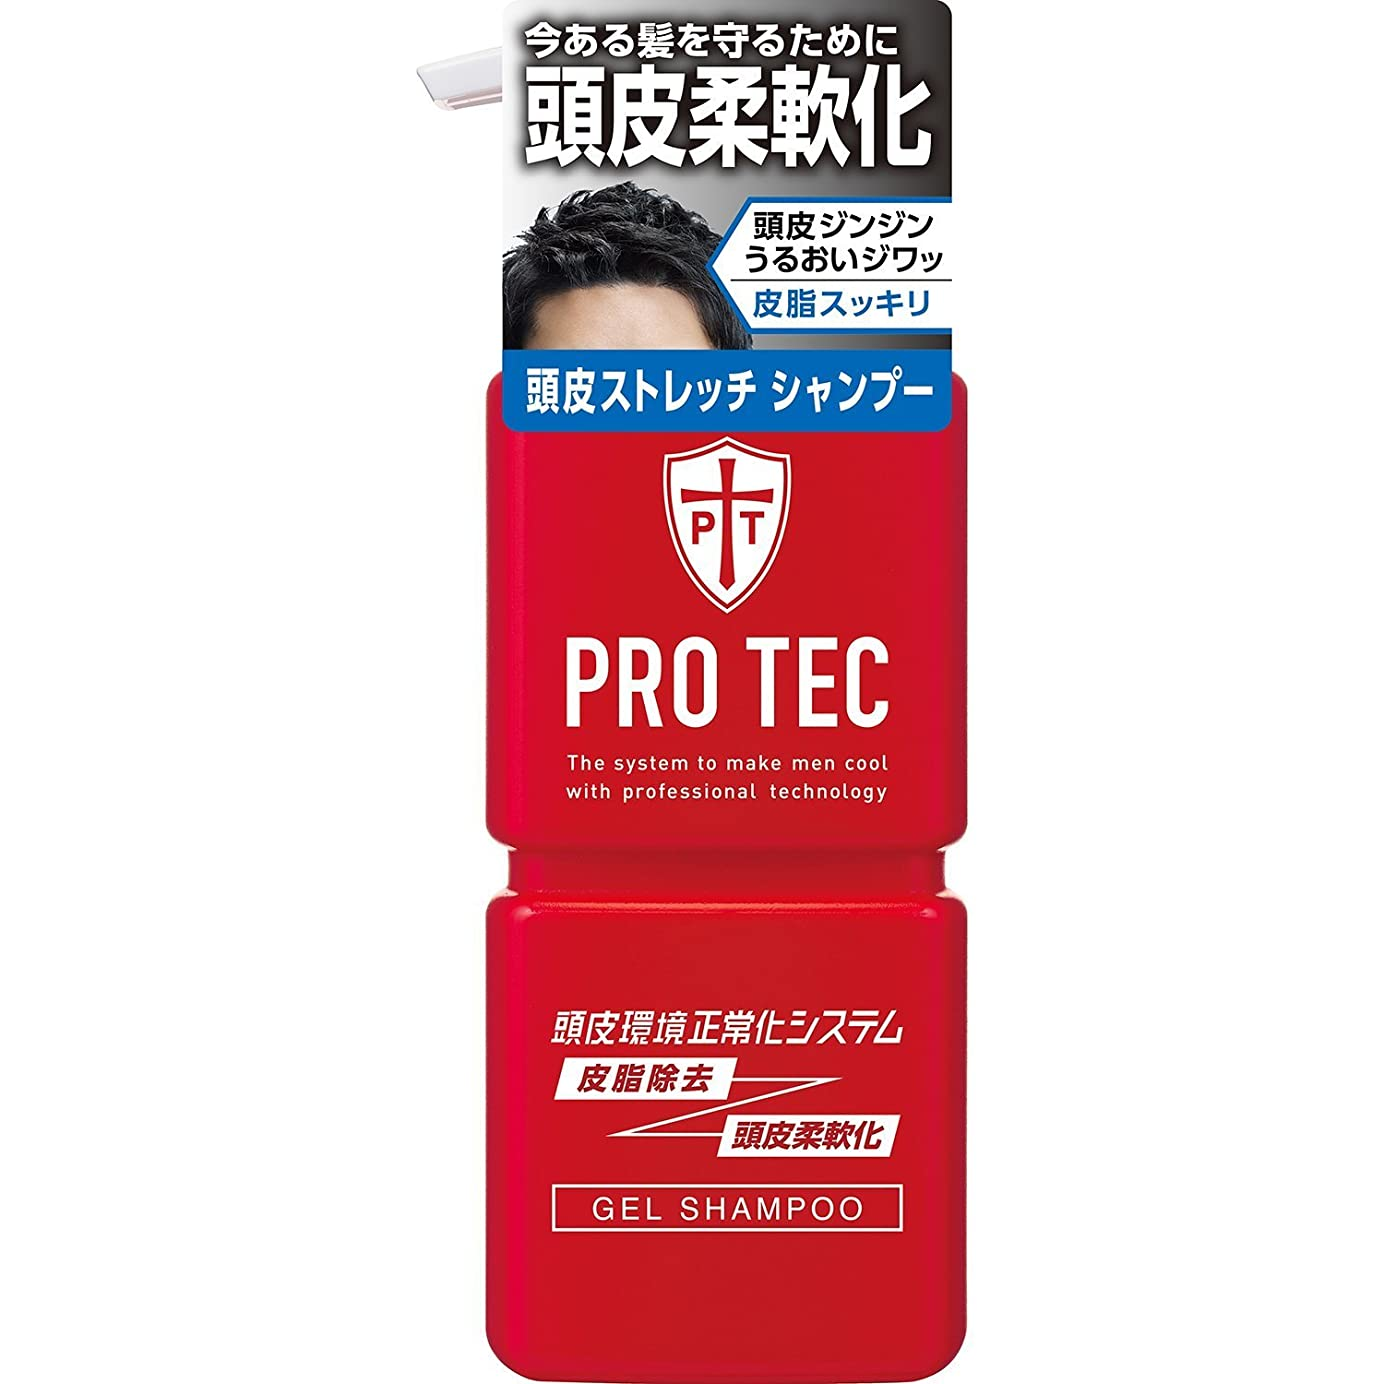 船乗り不屈くるくるPRO TEC(プロテク) 頭皮ストレッチ シャンプー 本体ポンプ 300g(医薬部外品)